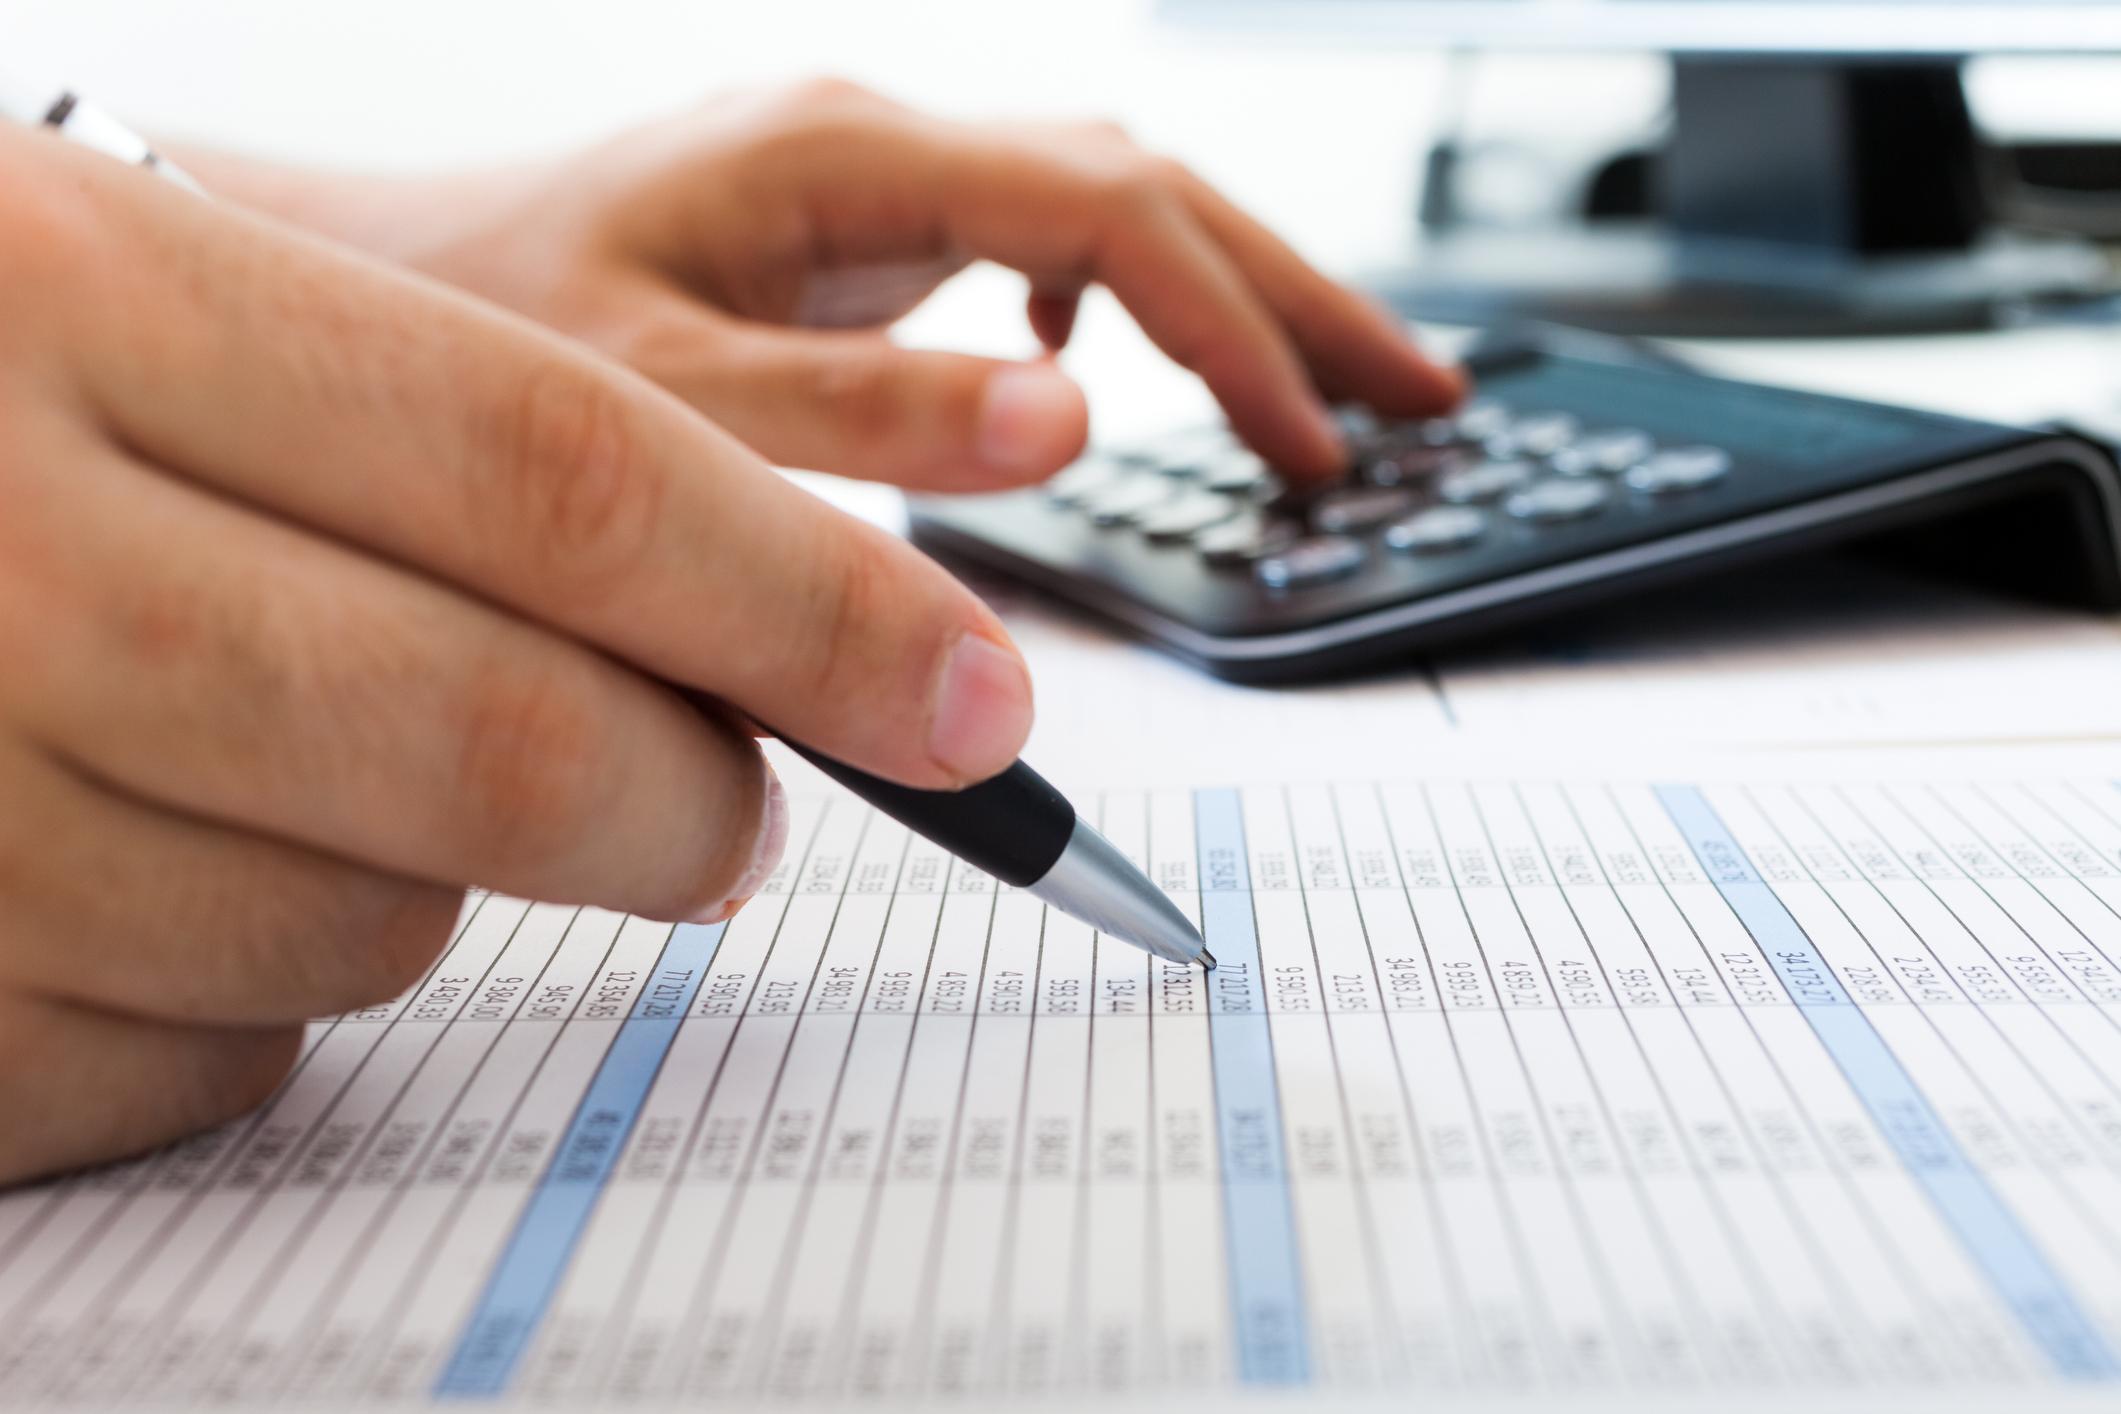 A person examining a balance sheet with a calculator.